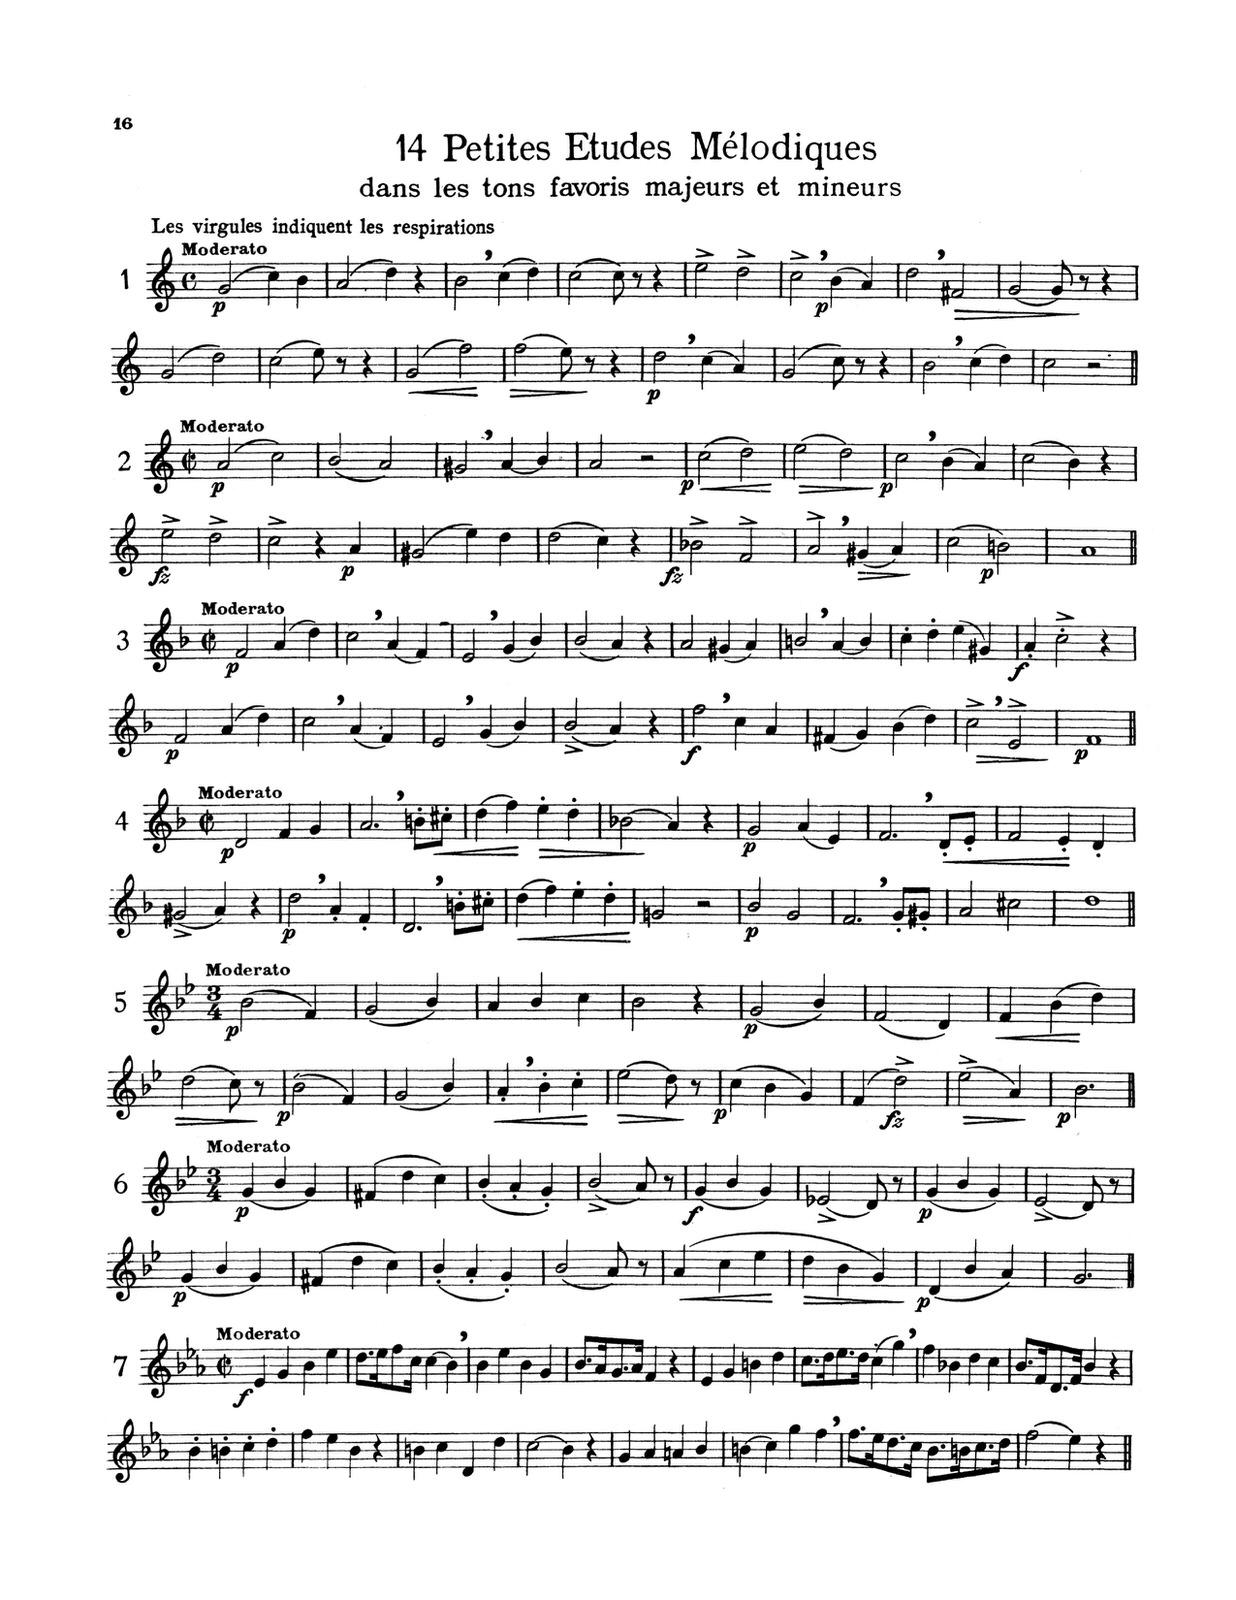 Complete Melodious Etudes by Duhem, H    qPress